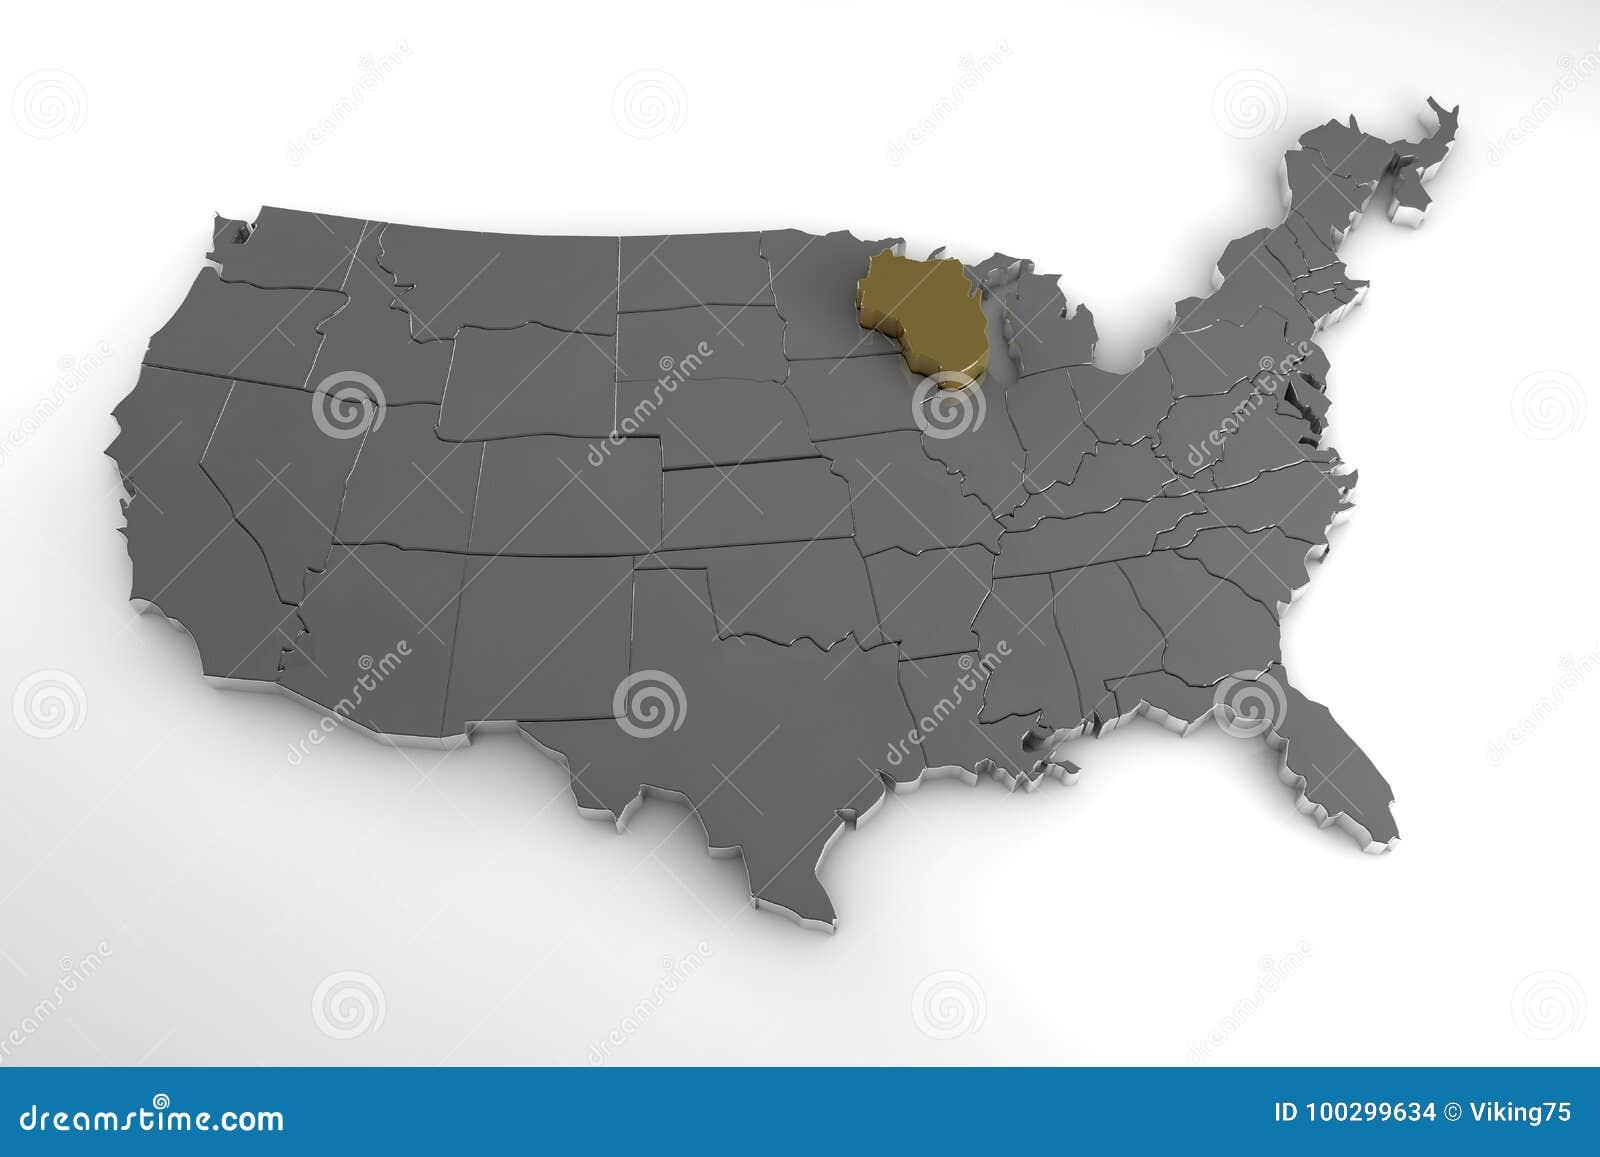 Carte Amerique Wisconsin.Les Etats Unis D Amerique Carte 3d Metallique Avec L Etat